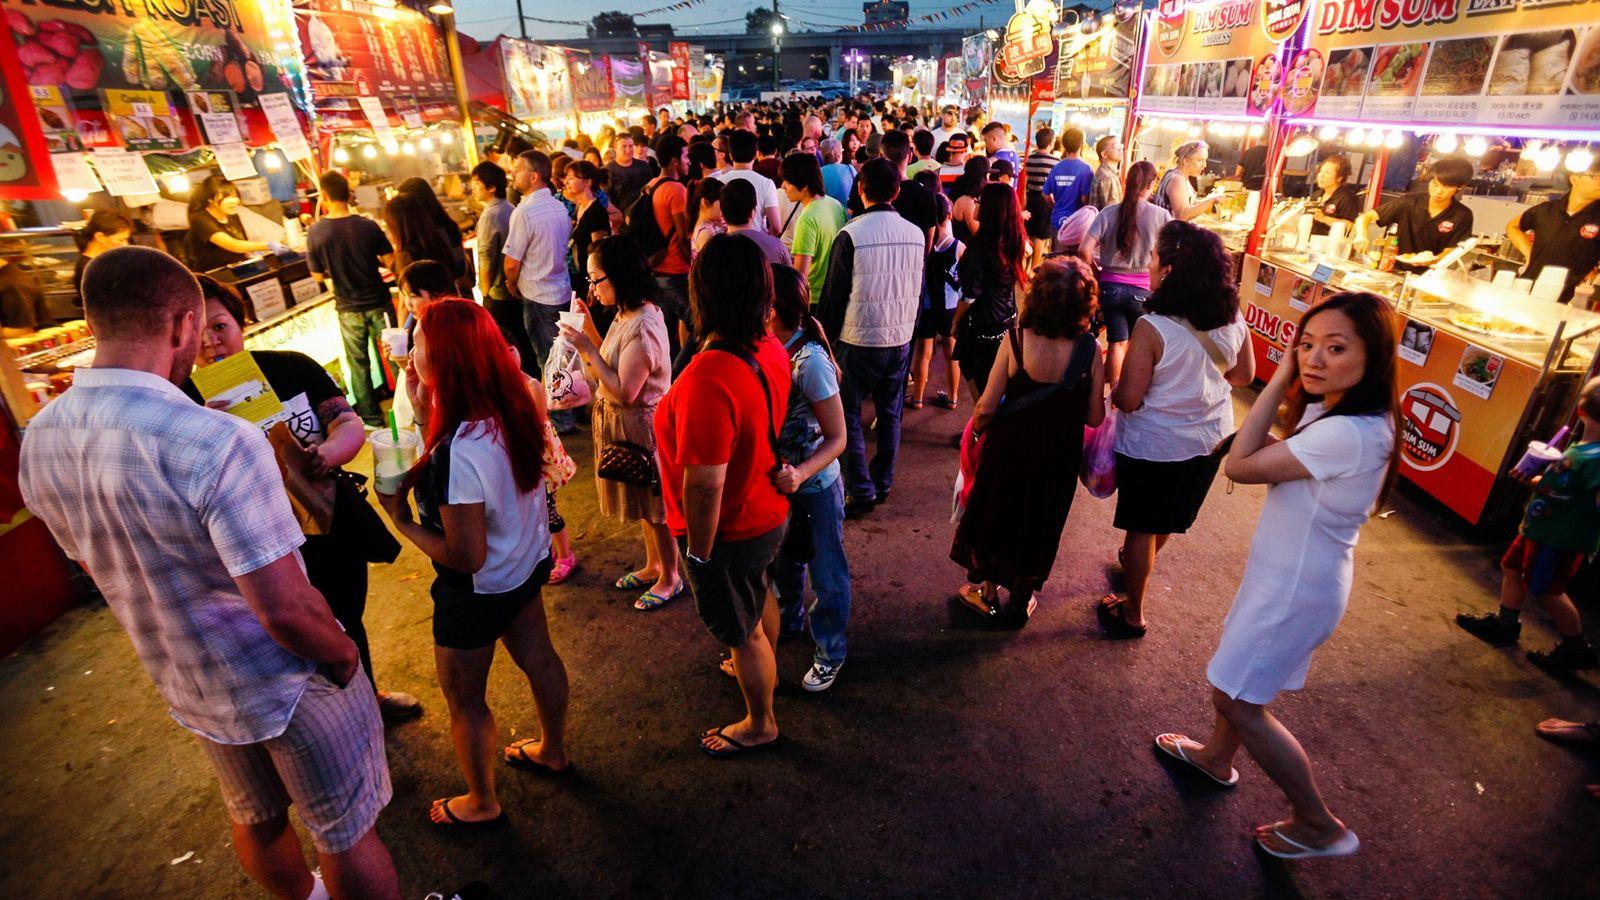 Zahlreiche Besucher schwärmen an einem Sonntagabend über den großen Asian Night Market in Richmond. Einheimische und ...